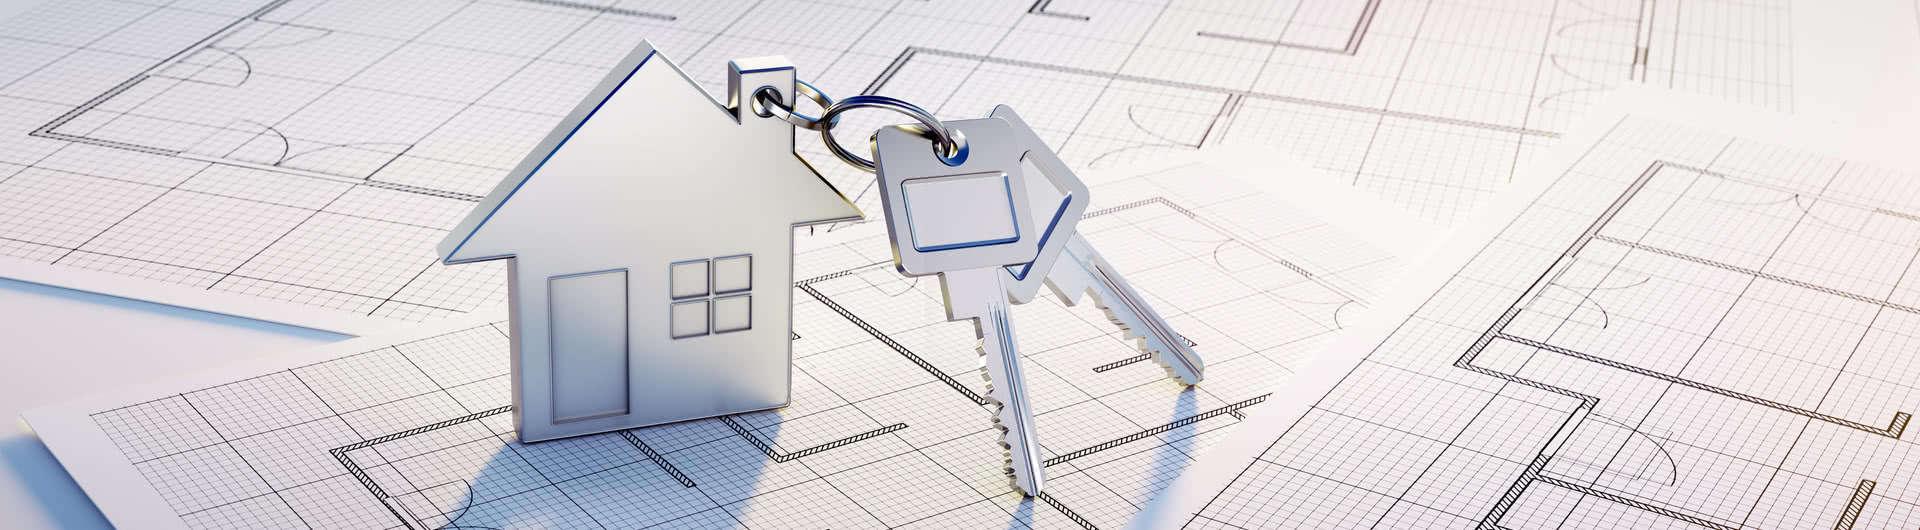 Baufinanzierung: Zinsfestschreibung und variabler Zinssatz